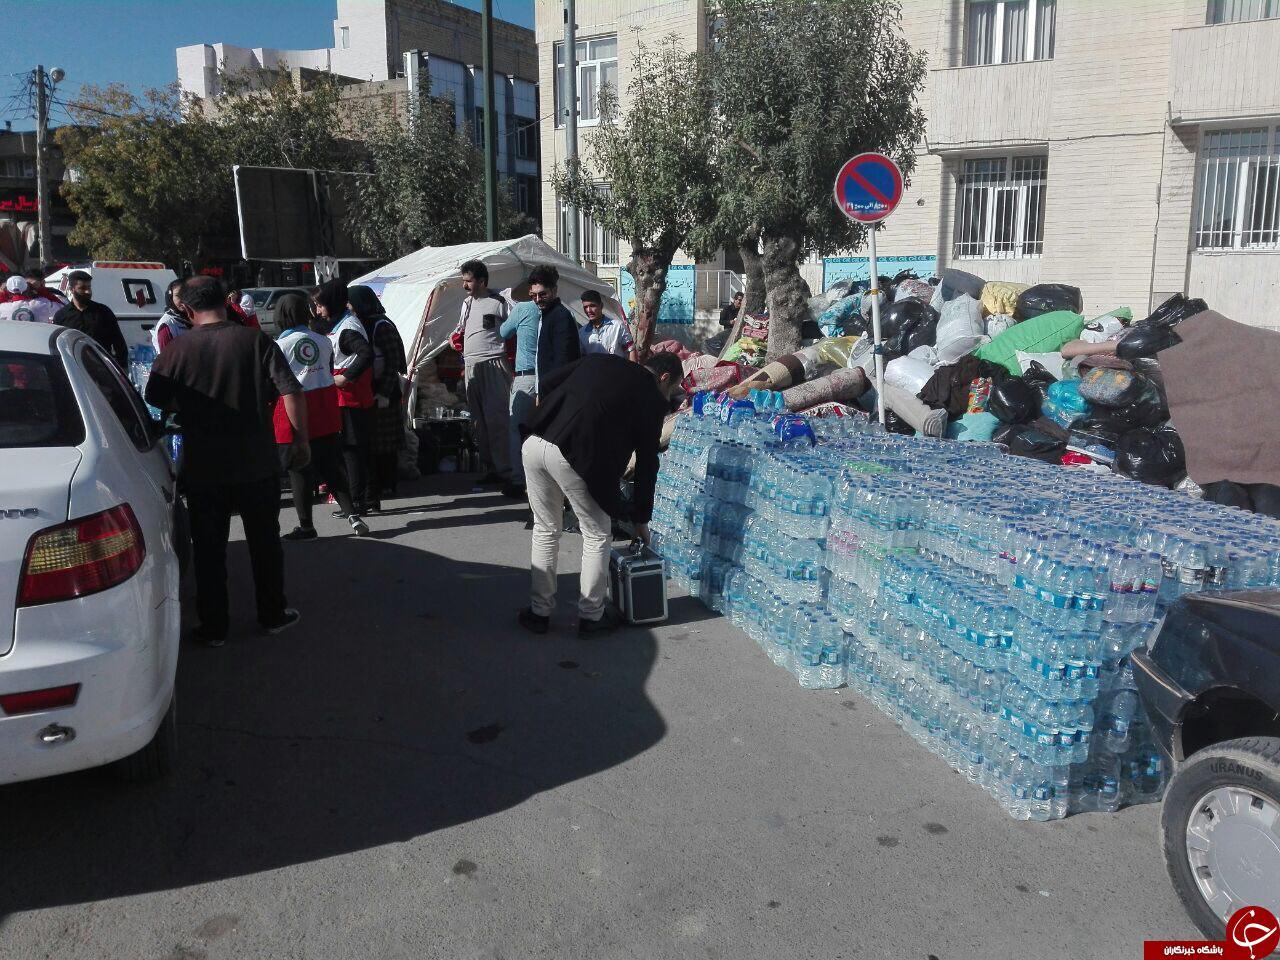 کمکهای مردمی شهروندان بوکانی به زلزلهزدگان + تصاویر